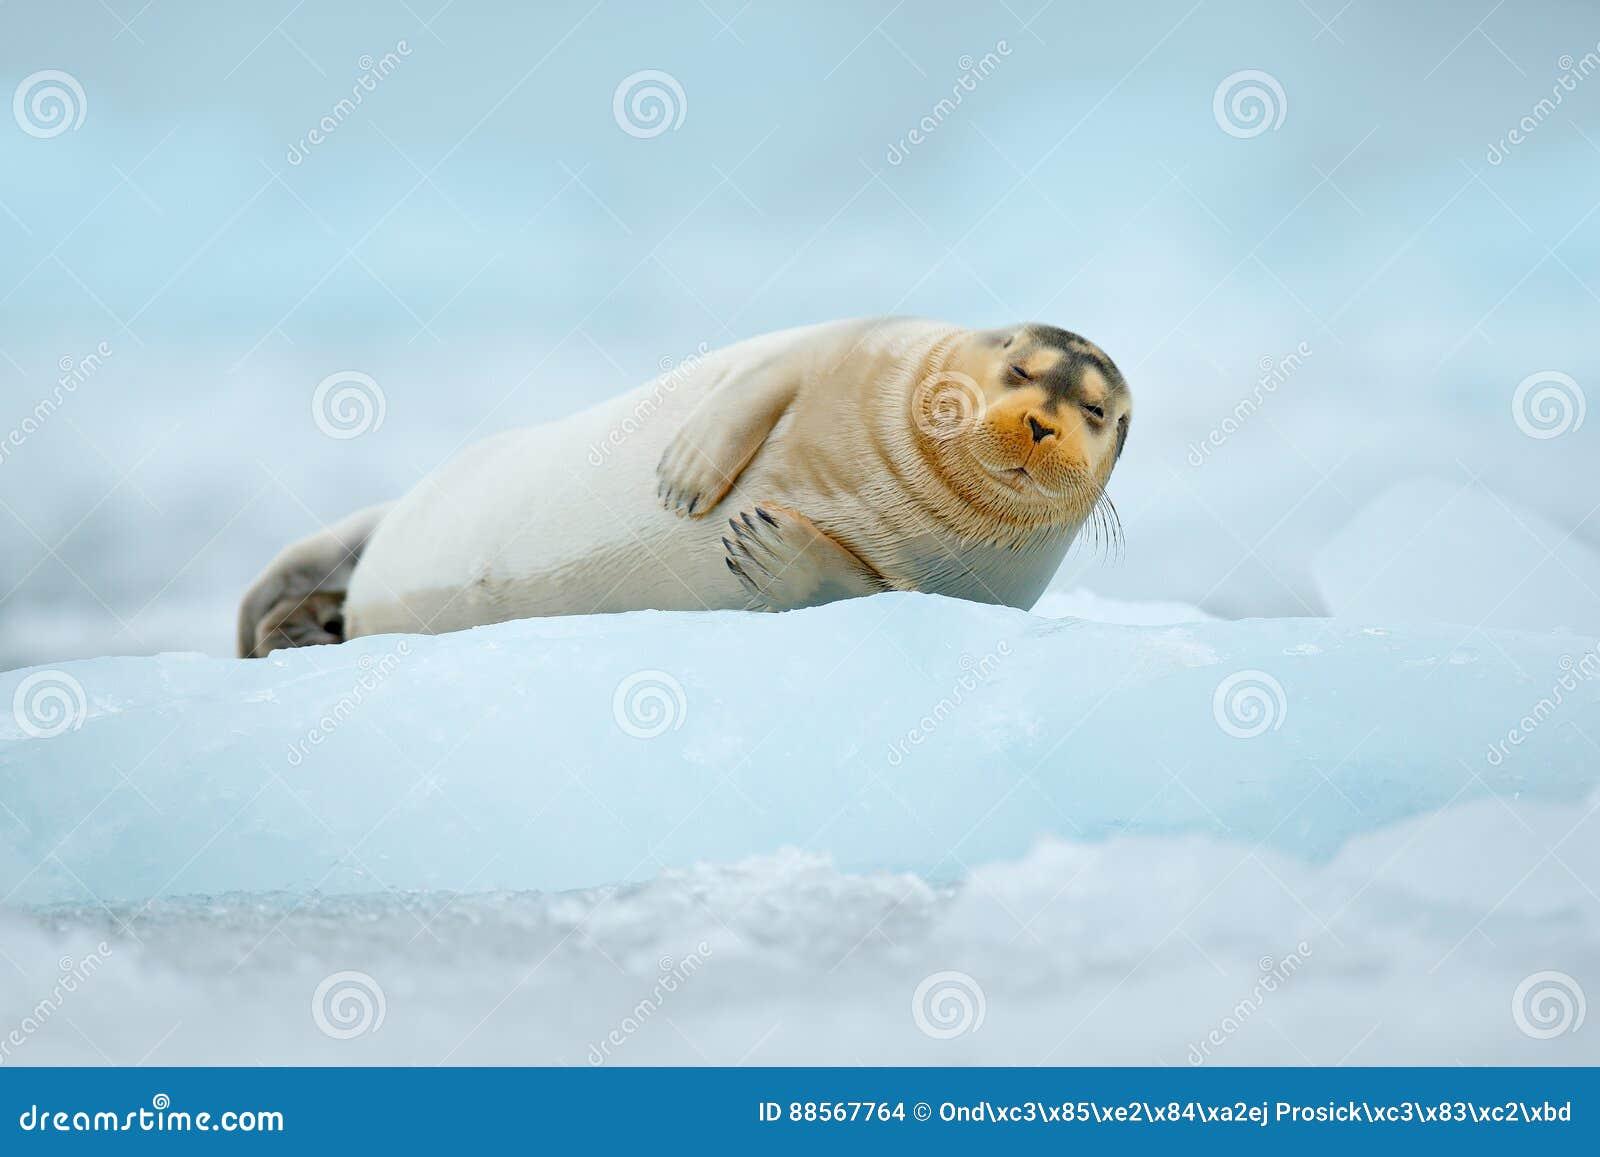 Gulligt djurt ligga på isen Blå isbrytare med skyddsremsan kall vinter i Europa Skäggig skyddsremsa på blå och vit is i arktiska